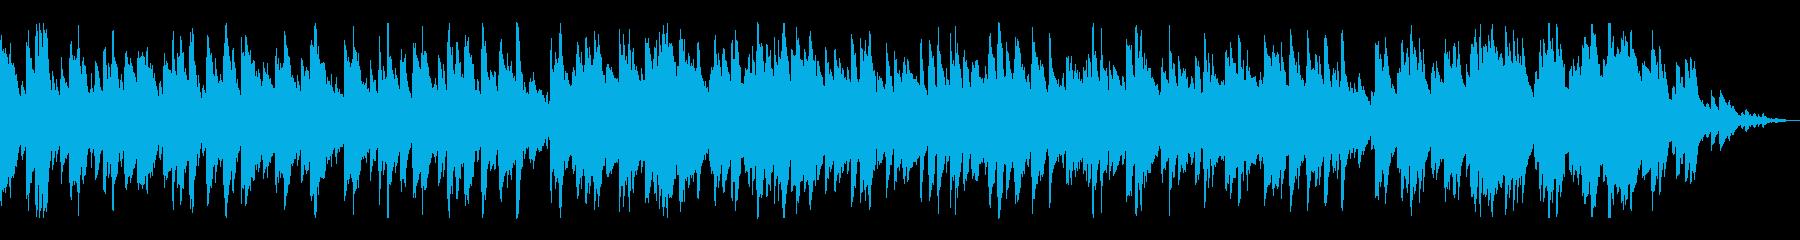 曲名:惰性 作曲:rihito気怠さ、…の再生済みの波形